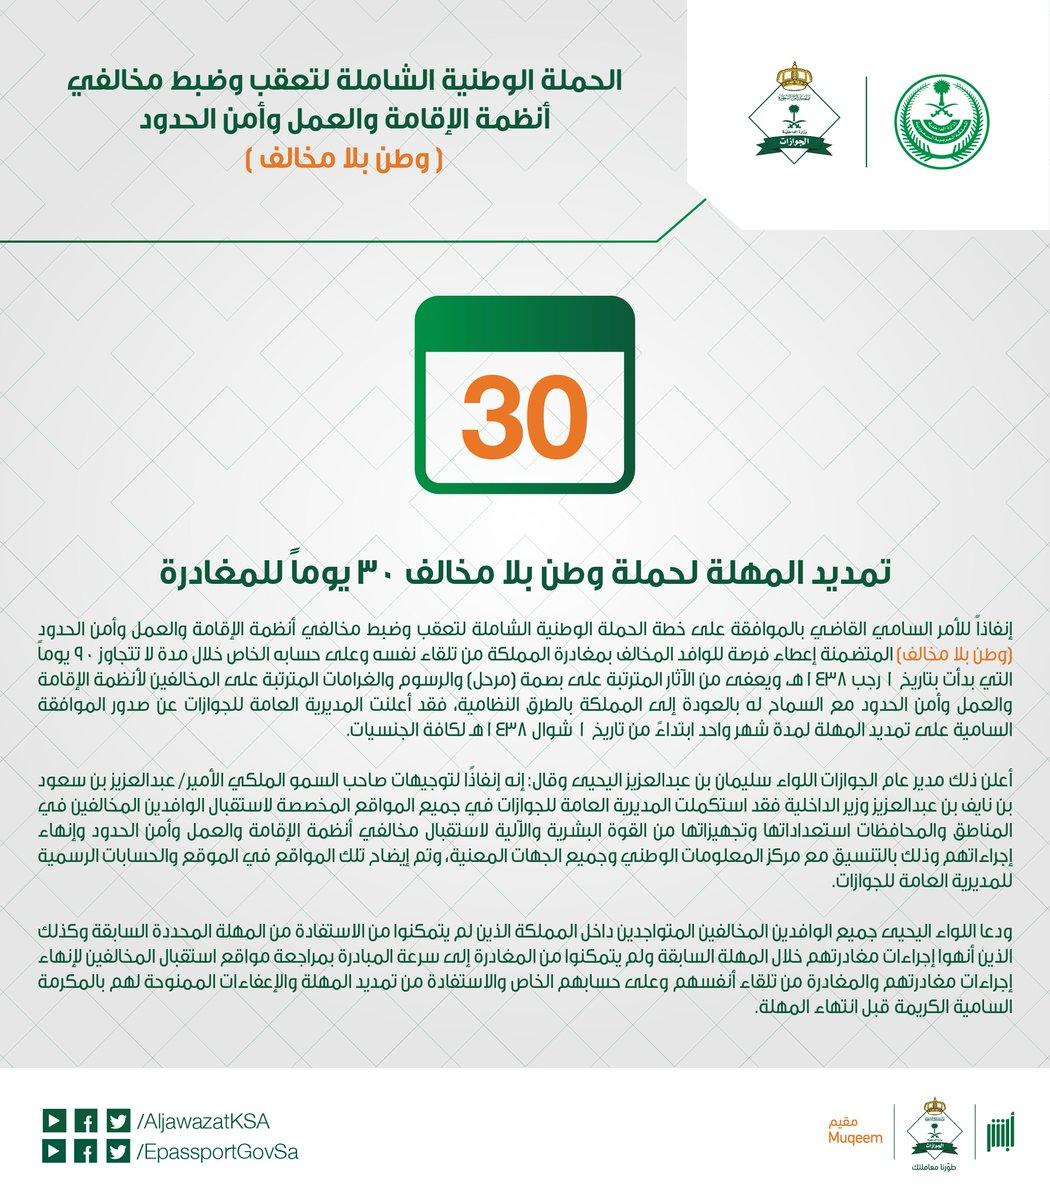 الجوازات السعودية Na Twitteru وعليكم السلام التعليمات لا تسمح بذلك شكرا لتواصلك